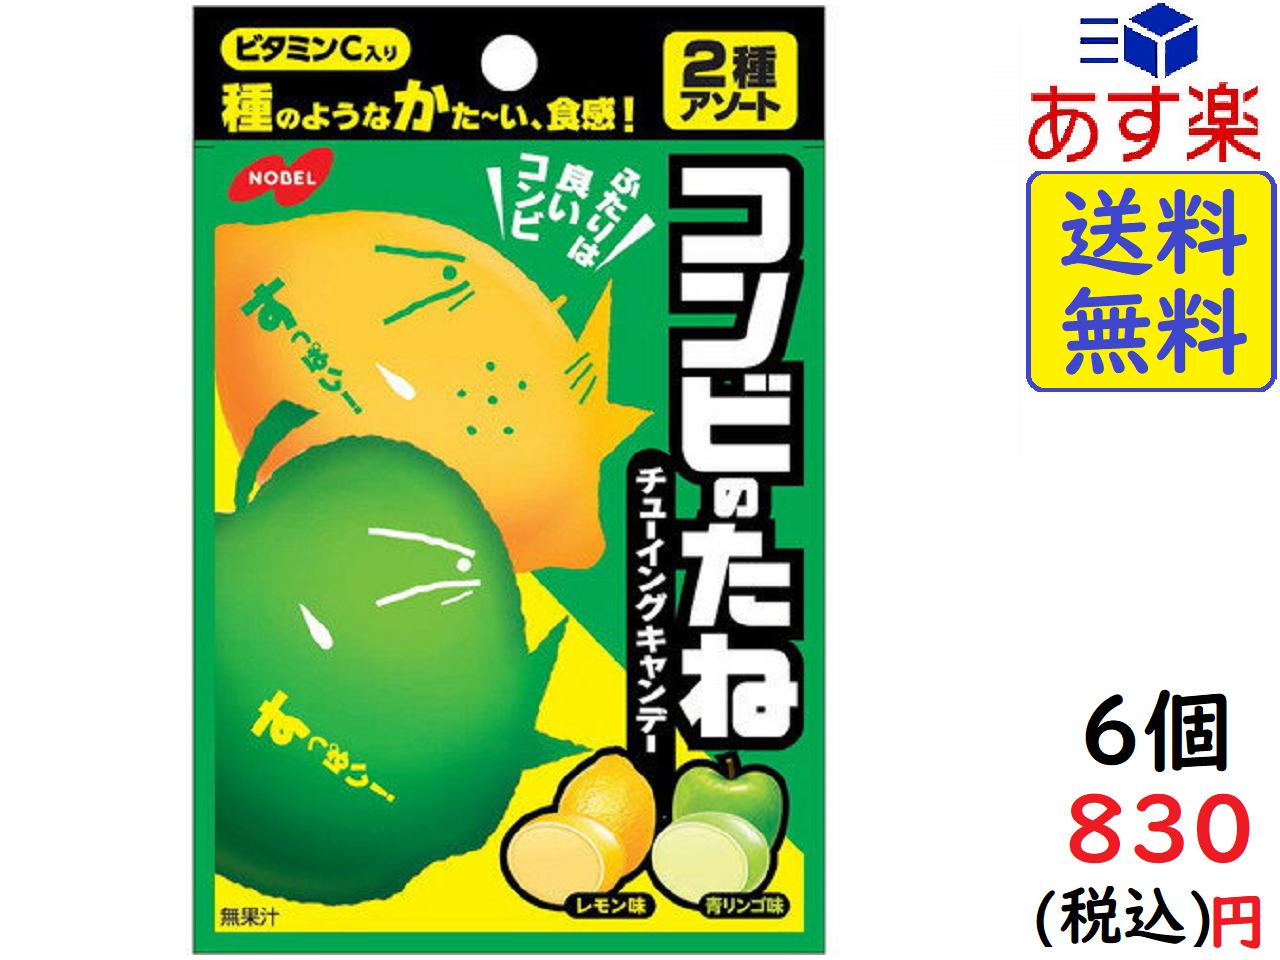 送料無料 あす楽対応 ポスト投函 ノーベル コンビのたね レモン 青リンゴ 賞味期限2022 超人気 06 味 35g ×6個 期間限定特価品